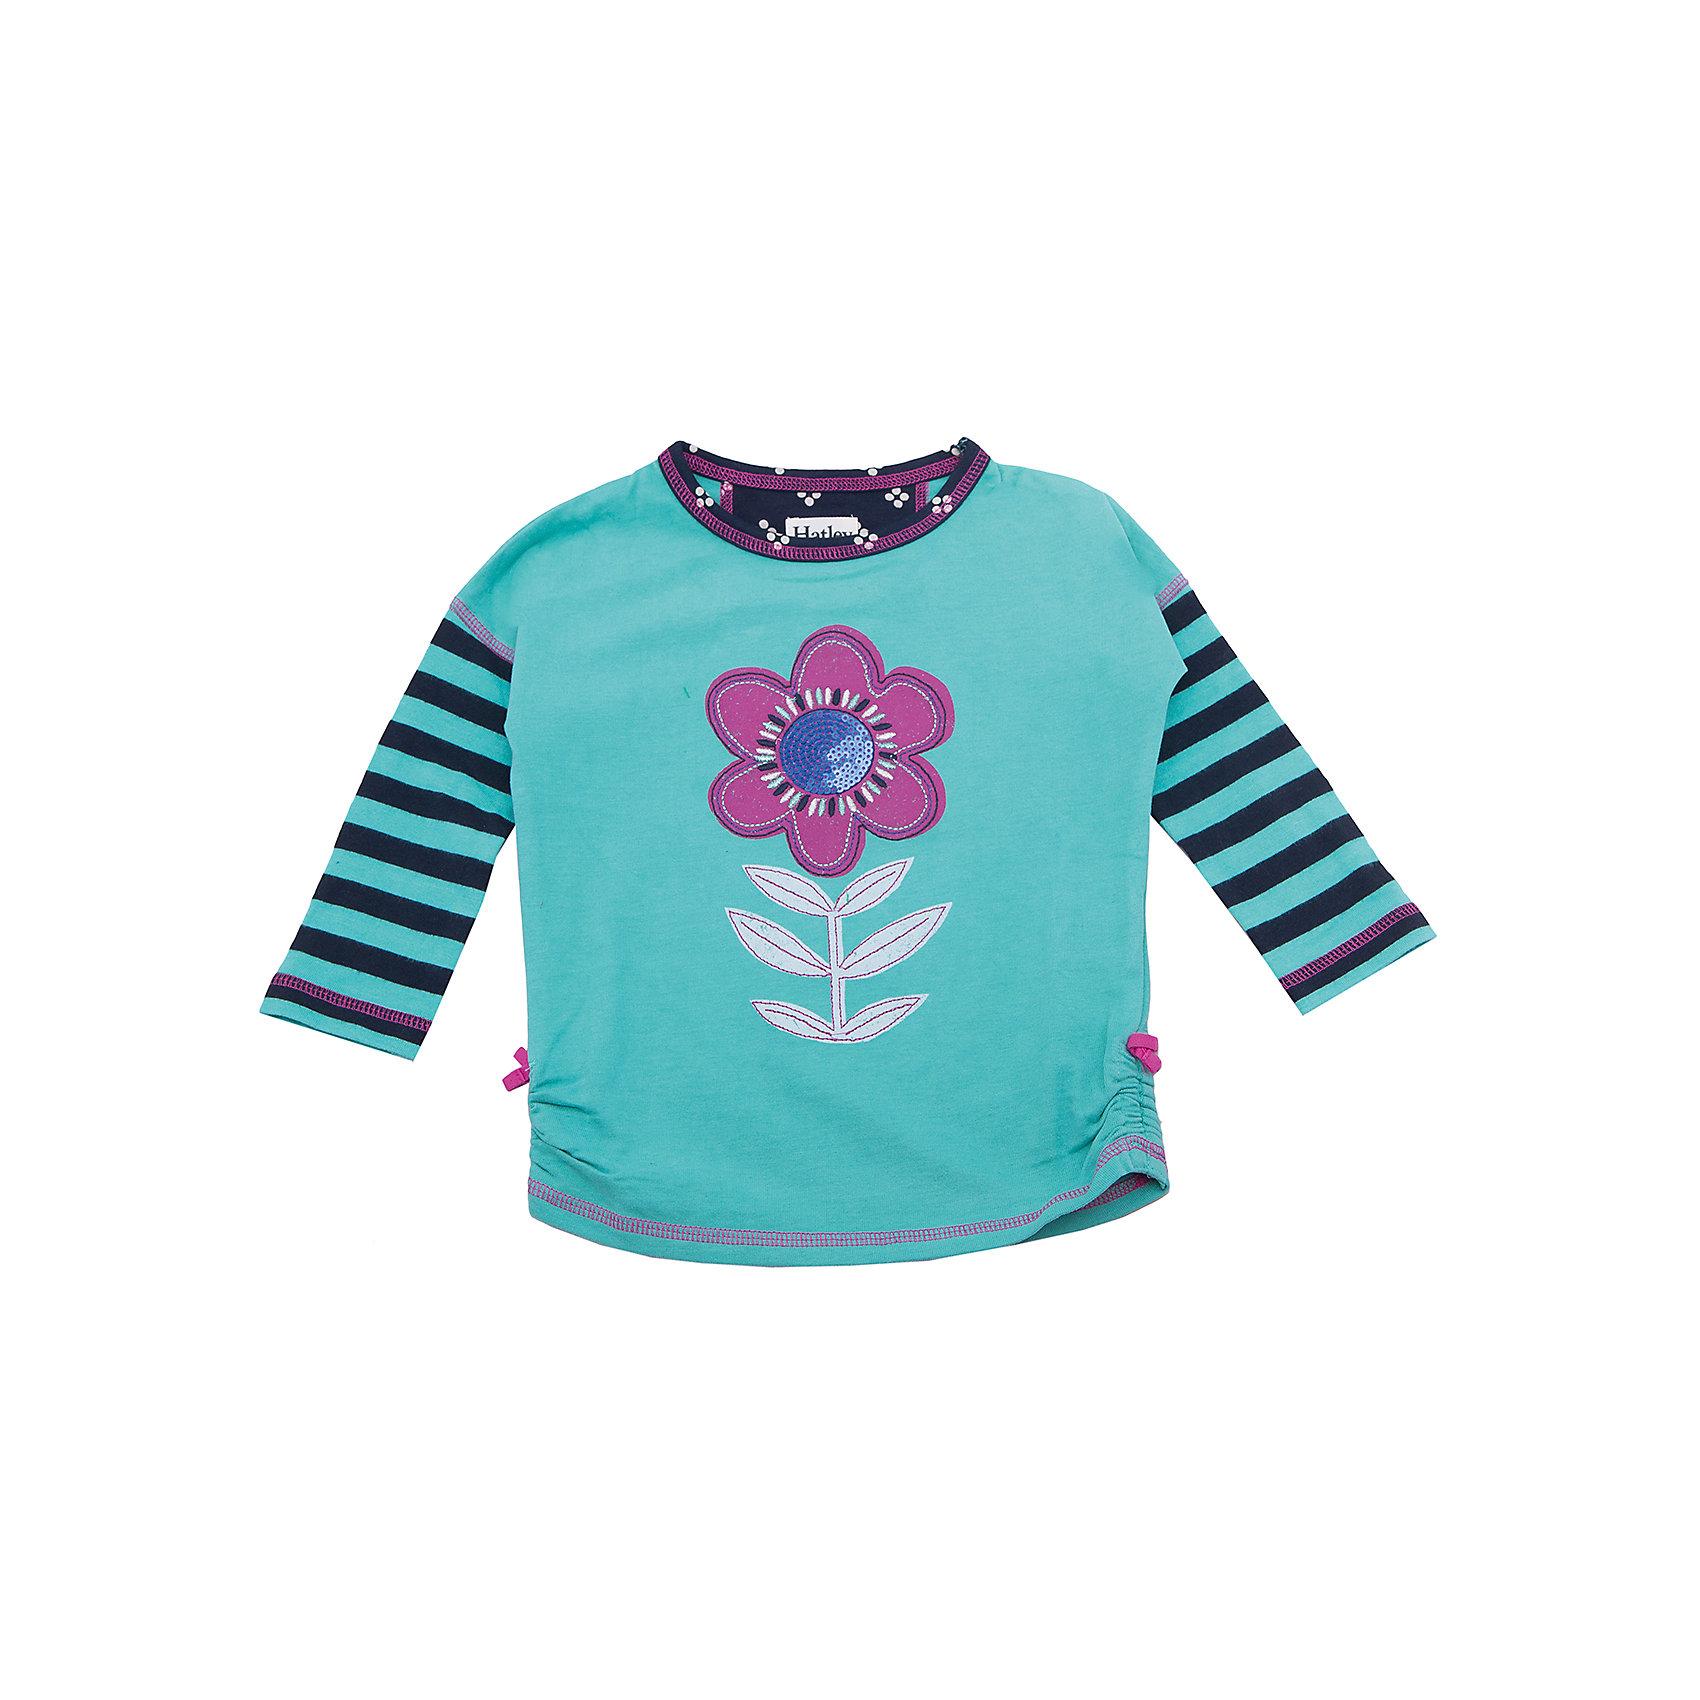 Футболка с длинным рукавом для девочки HatleyФутболки с длинным рукавом<br>Футболка с длинным рукавом для девочки Hatley<br><br>Характеристики:<br><br>• Состав: 100% хлопок<br>• Цвет: ментоловый<br><br>Красивая и модная футболка с длинными рукавами идеально подойдет для летней прохладной погоды или для носки в помещении. Благодаря тому, что ткань натуральная и не вызывает аллергии, ребенок сможет бегать и прыгать, не боясь, что вспотеет и на коже будут раздражения. Яркий и забавный принт-аппликация делает футболку еще и очень привлекательной. Рукава словно вставлены в кофту или под футболкой есть дополнительная водолазка. Такой стиль очень нравится детям. Внизу по бокам кофта немного собрана и украшена бантиками.<br><br>Футболку с длинным рукавом для девочки Hatley можно купить в нашем интернет-магазине.<br><br>Ширина мм: 230<br>Глубина мм: 40<br>Высота мм: 220<br>Вес г: 250<br>Цвет: зеленый<br>Возраст от месяцев: 36<br>Возраст до месяцев: 48<br>Пол: Женский<br>Возраст: Детский<br>Размер: 104,92,122,128,110,116,98<br>SKU: 5020671